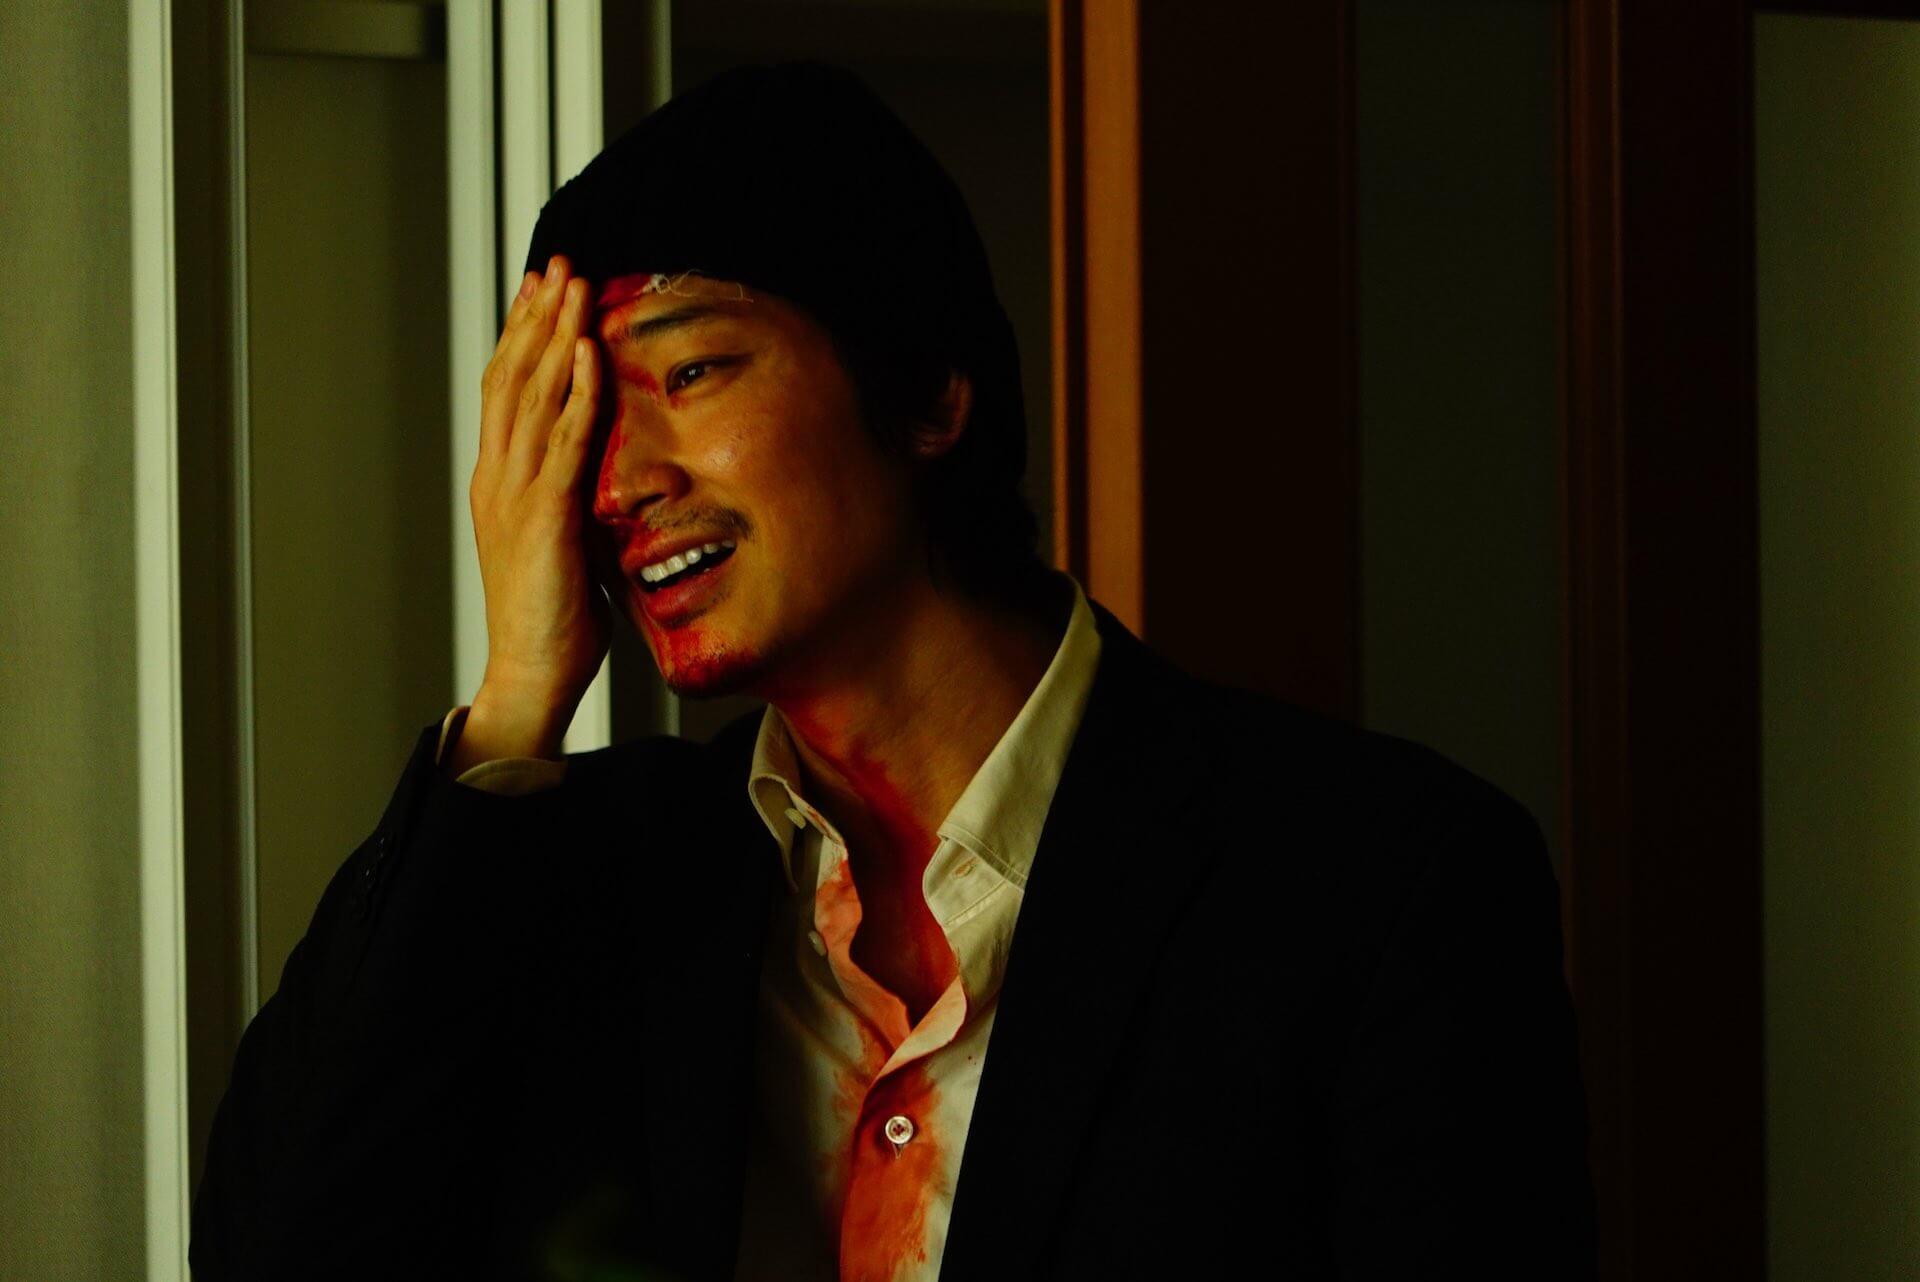 綾野剛主演『ホムンクルス』ついにNetflix配信日が決定!衝撃的なラストシーンから場面写真が解禁 film210412_homunculus_5